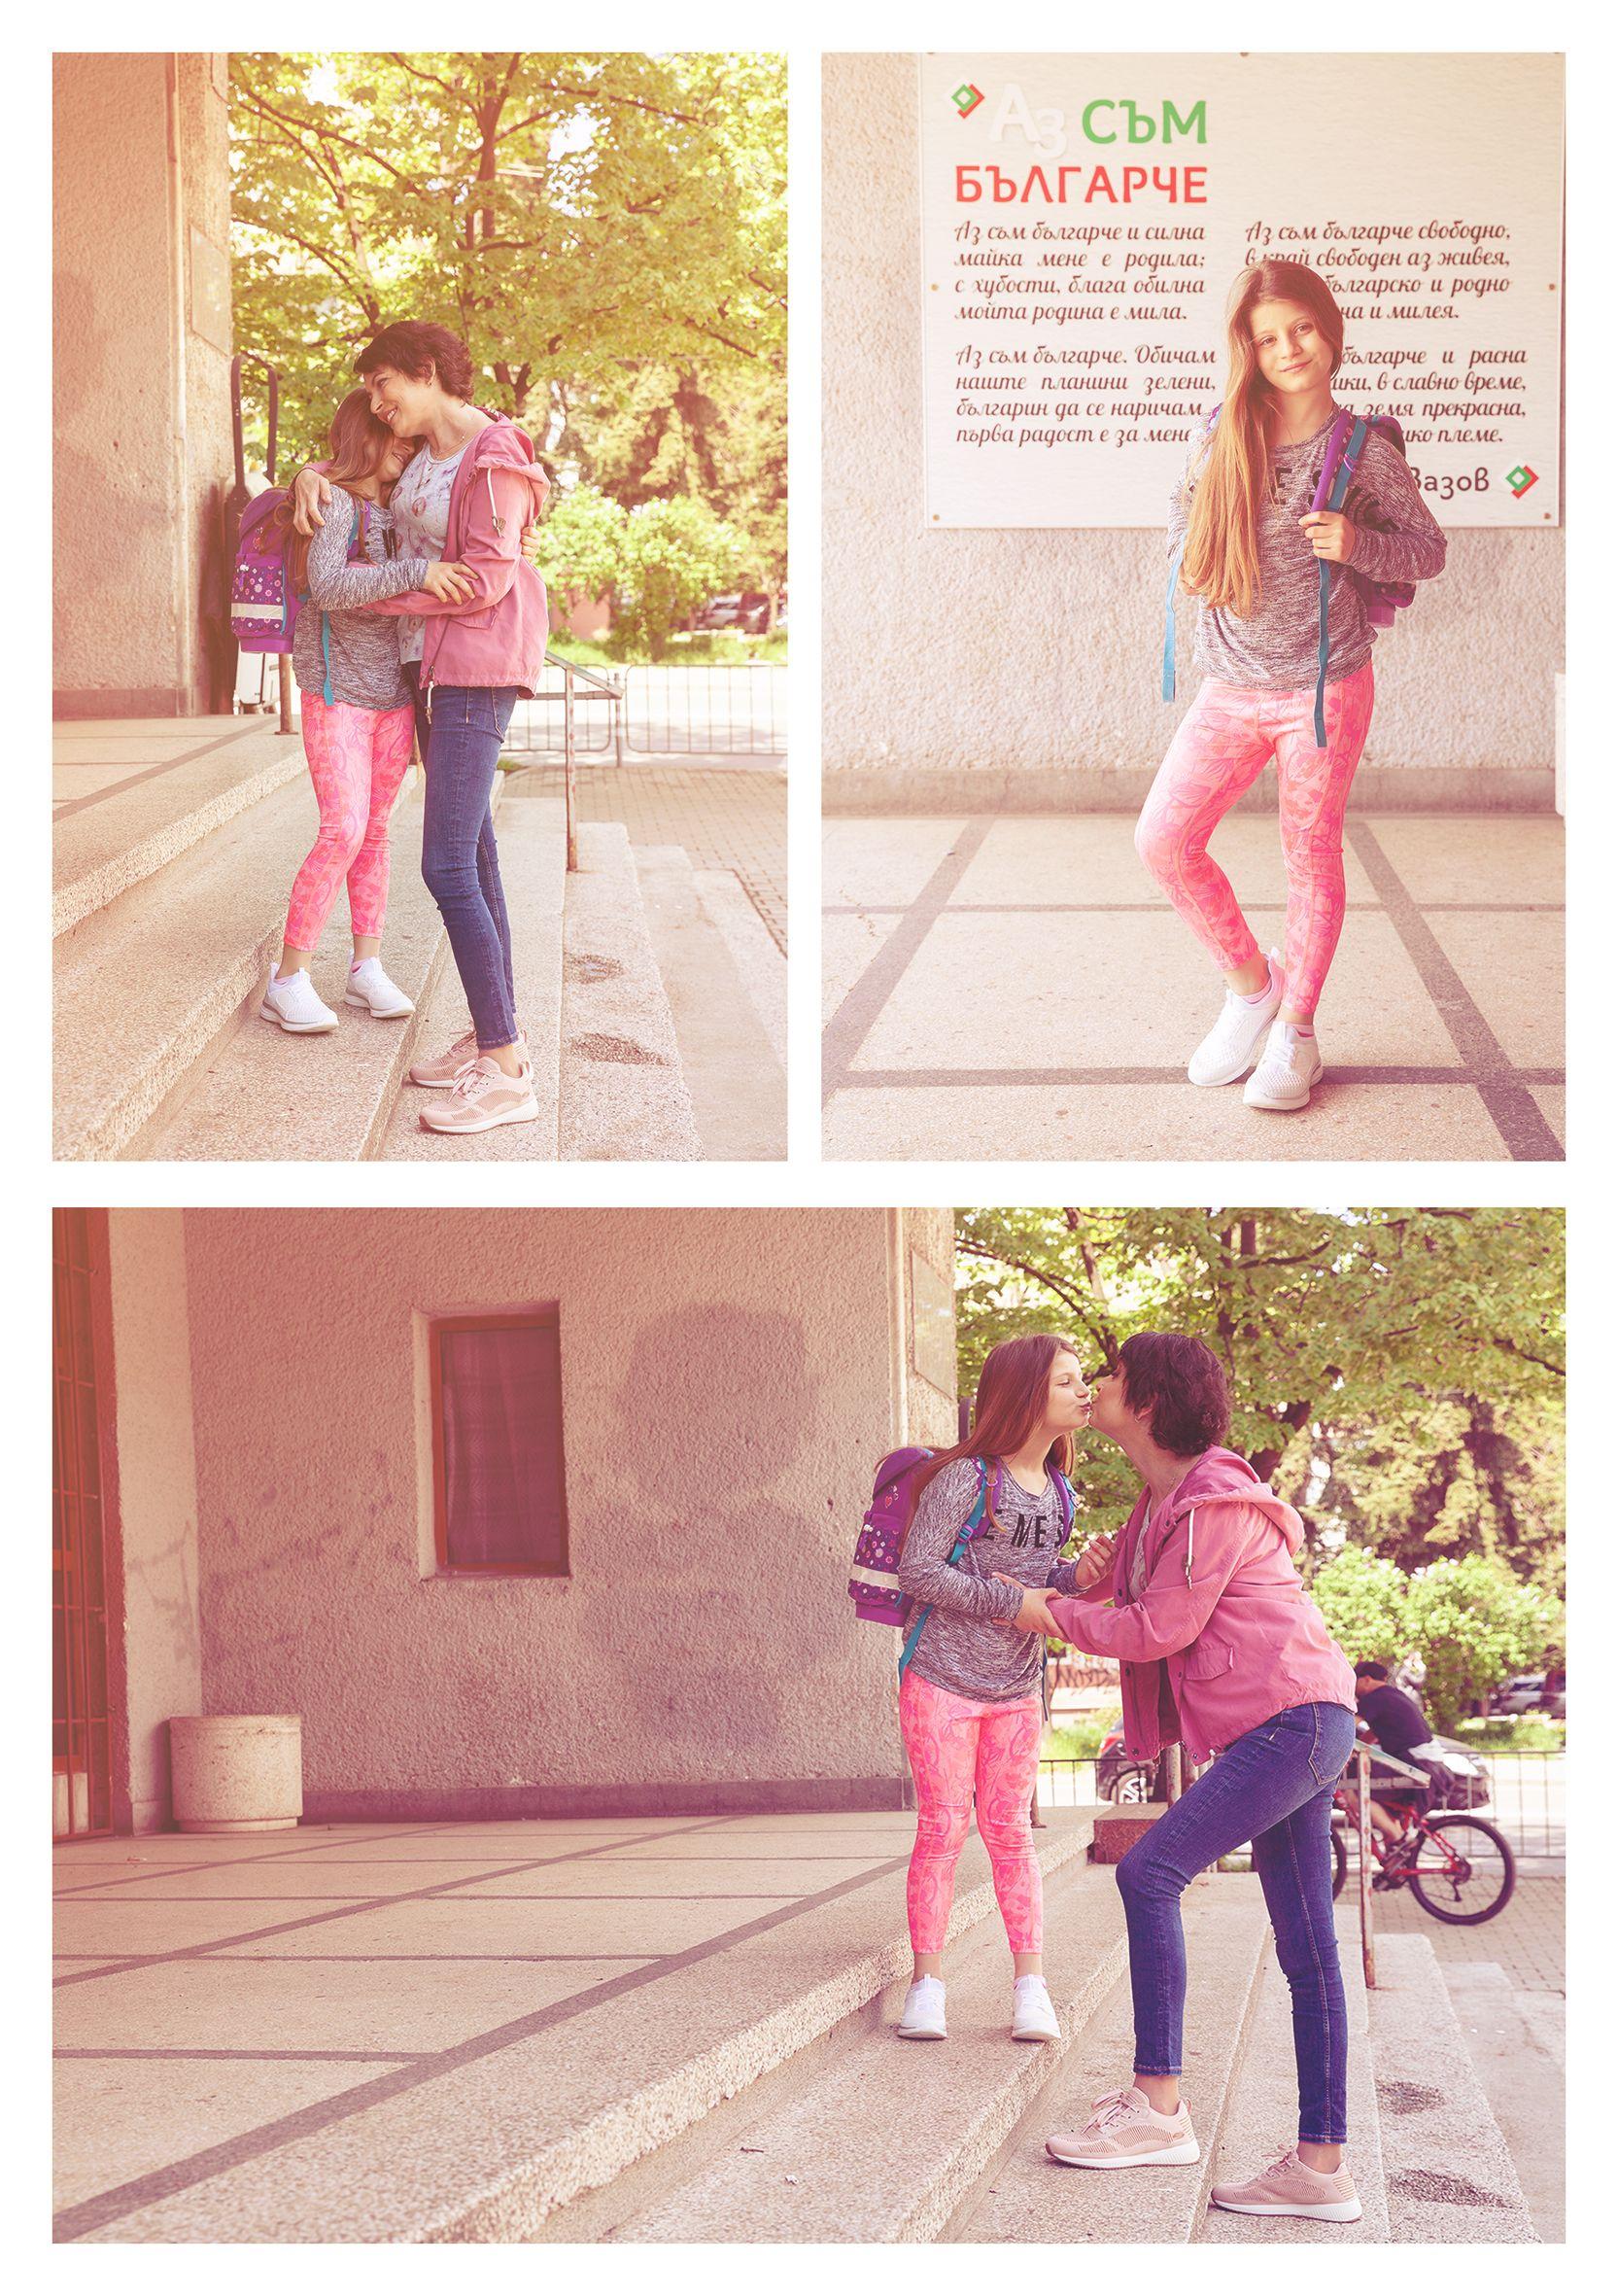 Рая пред училище с бели сникърси Skechers; Милена е с розов модел на същата марка.